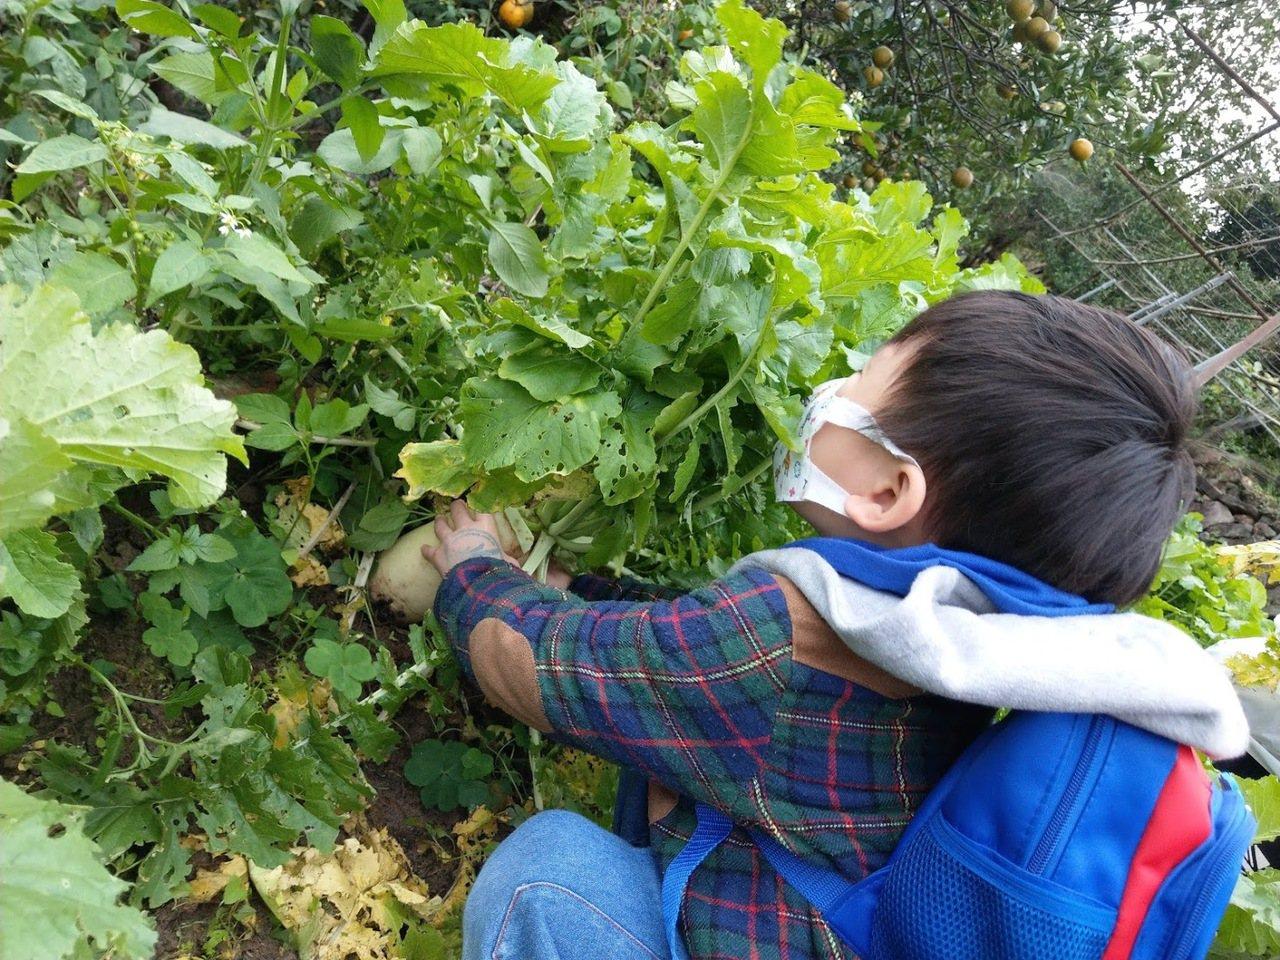 內湖清香農場,除了採草莓還有拔蘿蔔、採香菇等...適合親子同樂。